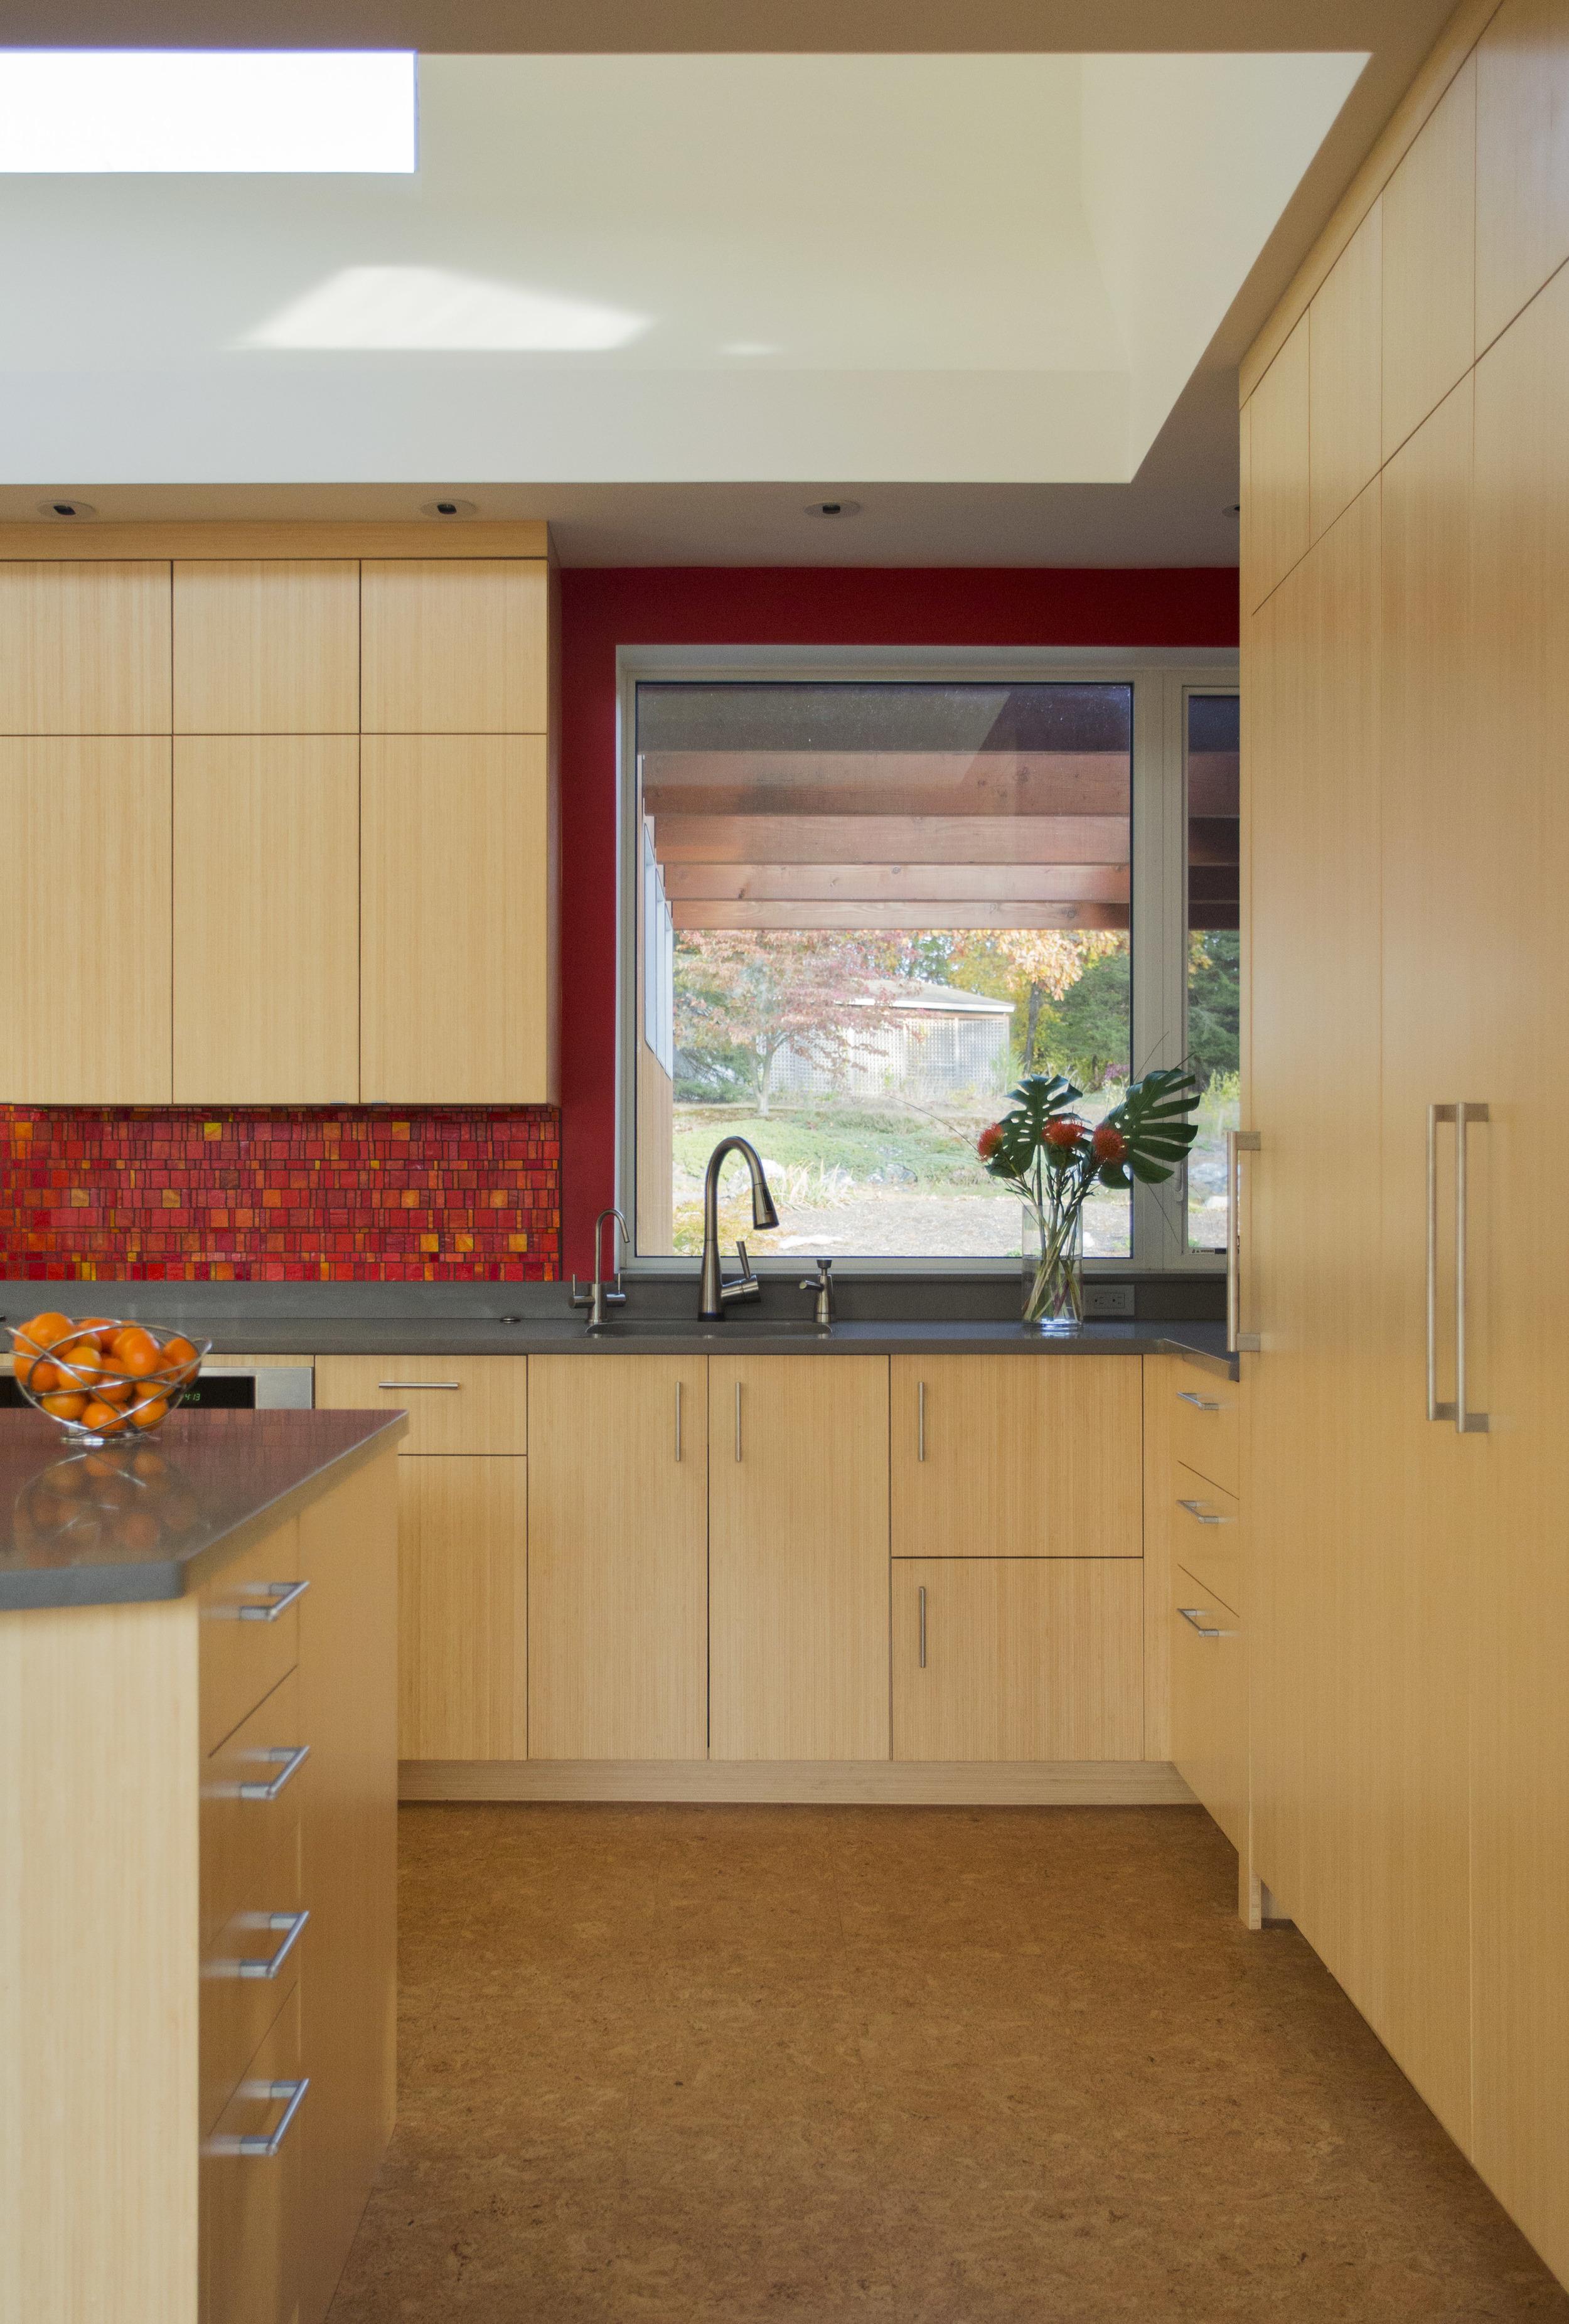 Britta 10 13 kitchen 6.jpg